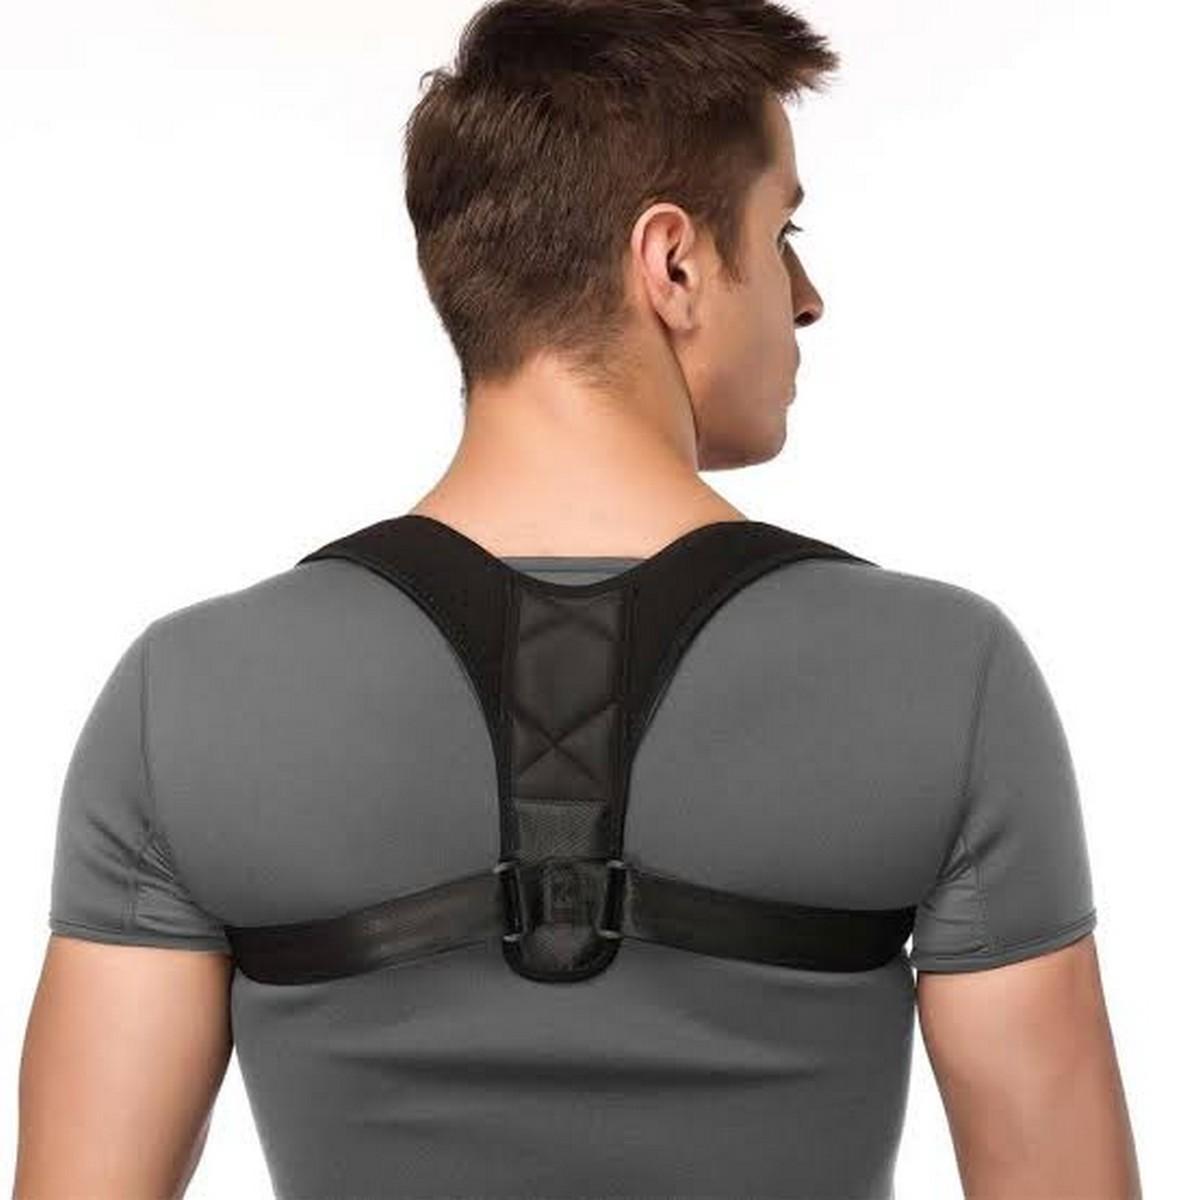 Adjustable Back Posture Corrector Clavicle Spine Back Shoulder Lumbar Brace Support Belt